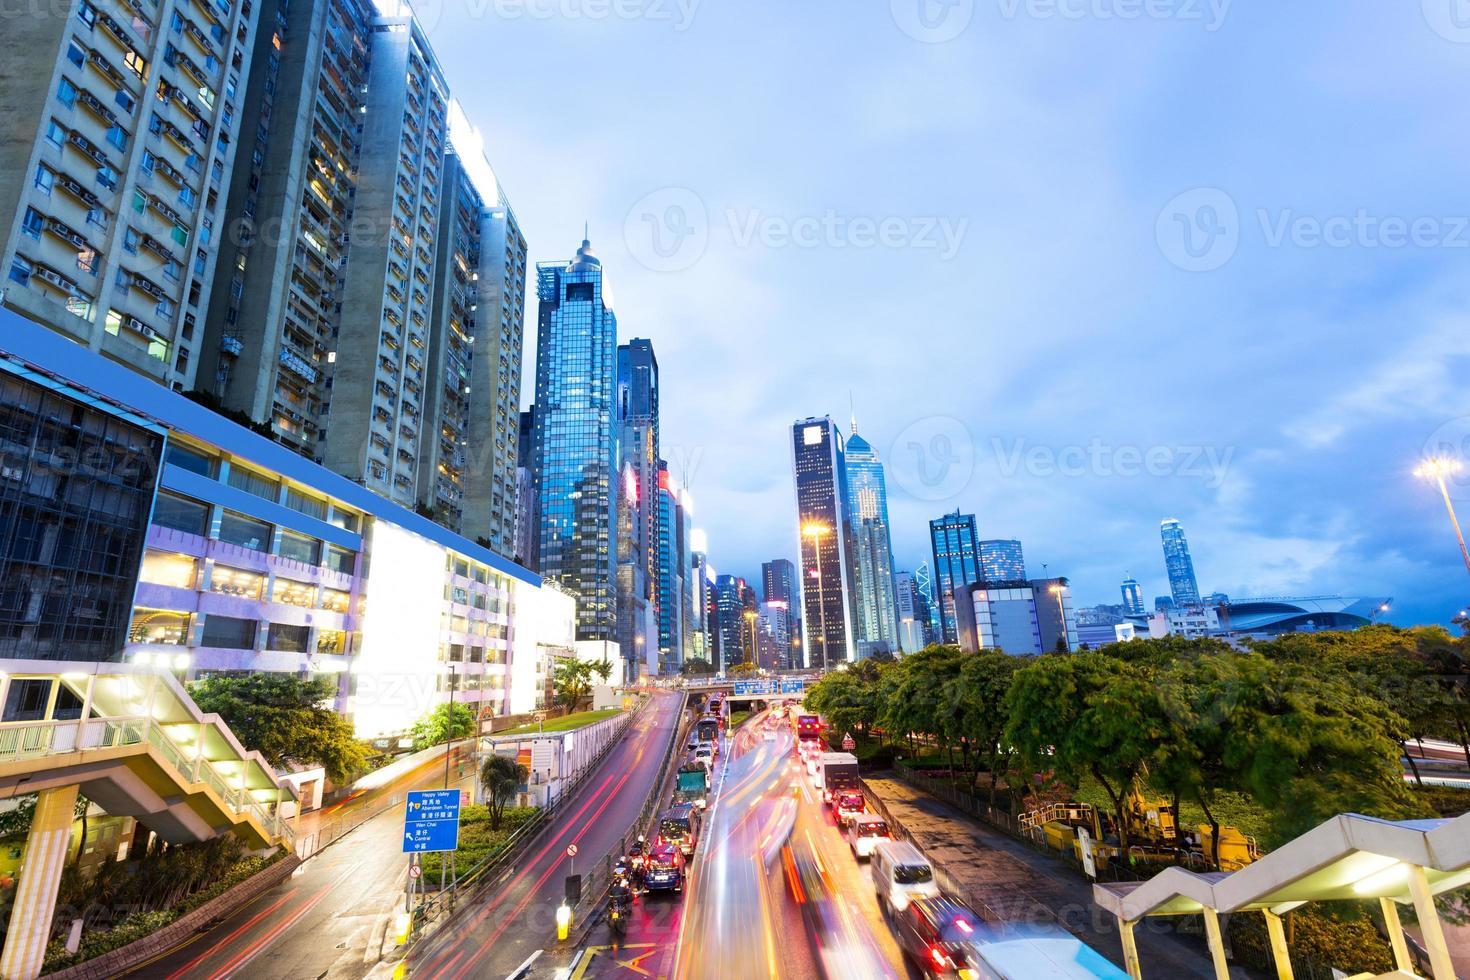 tráfego na cidade moderna à noite foto